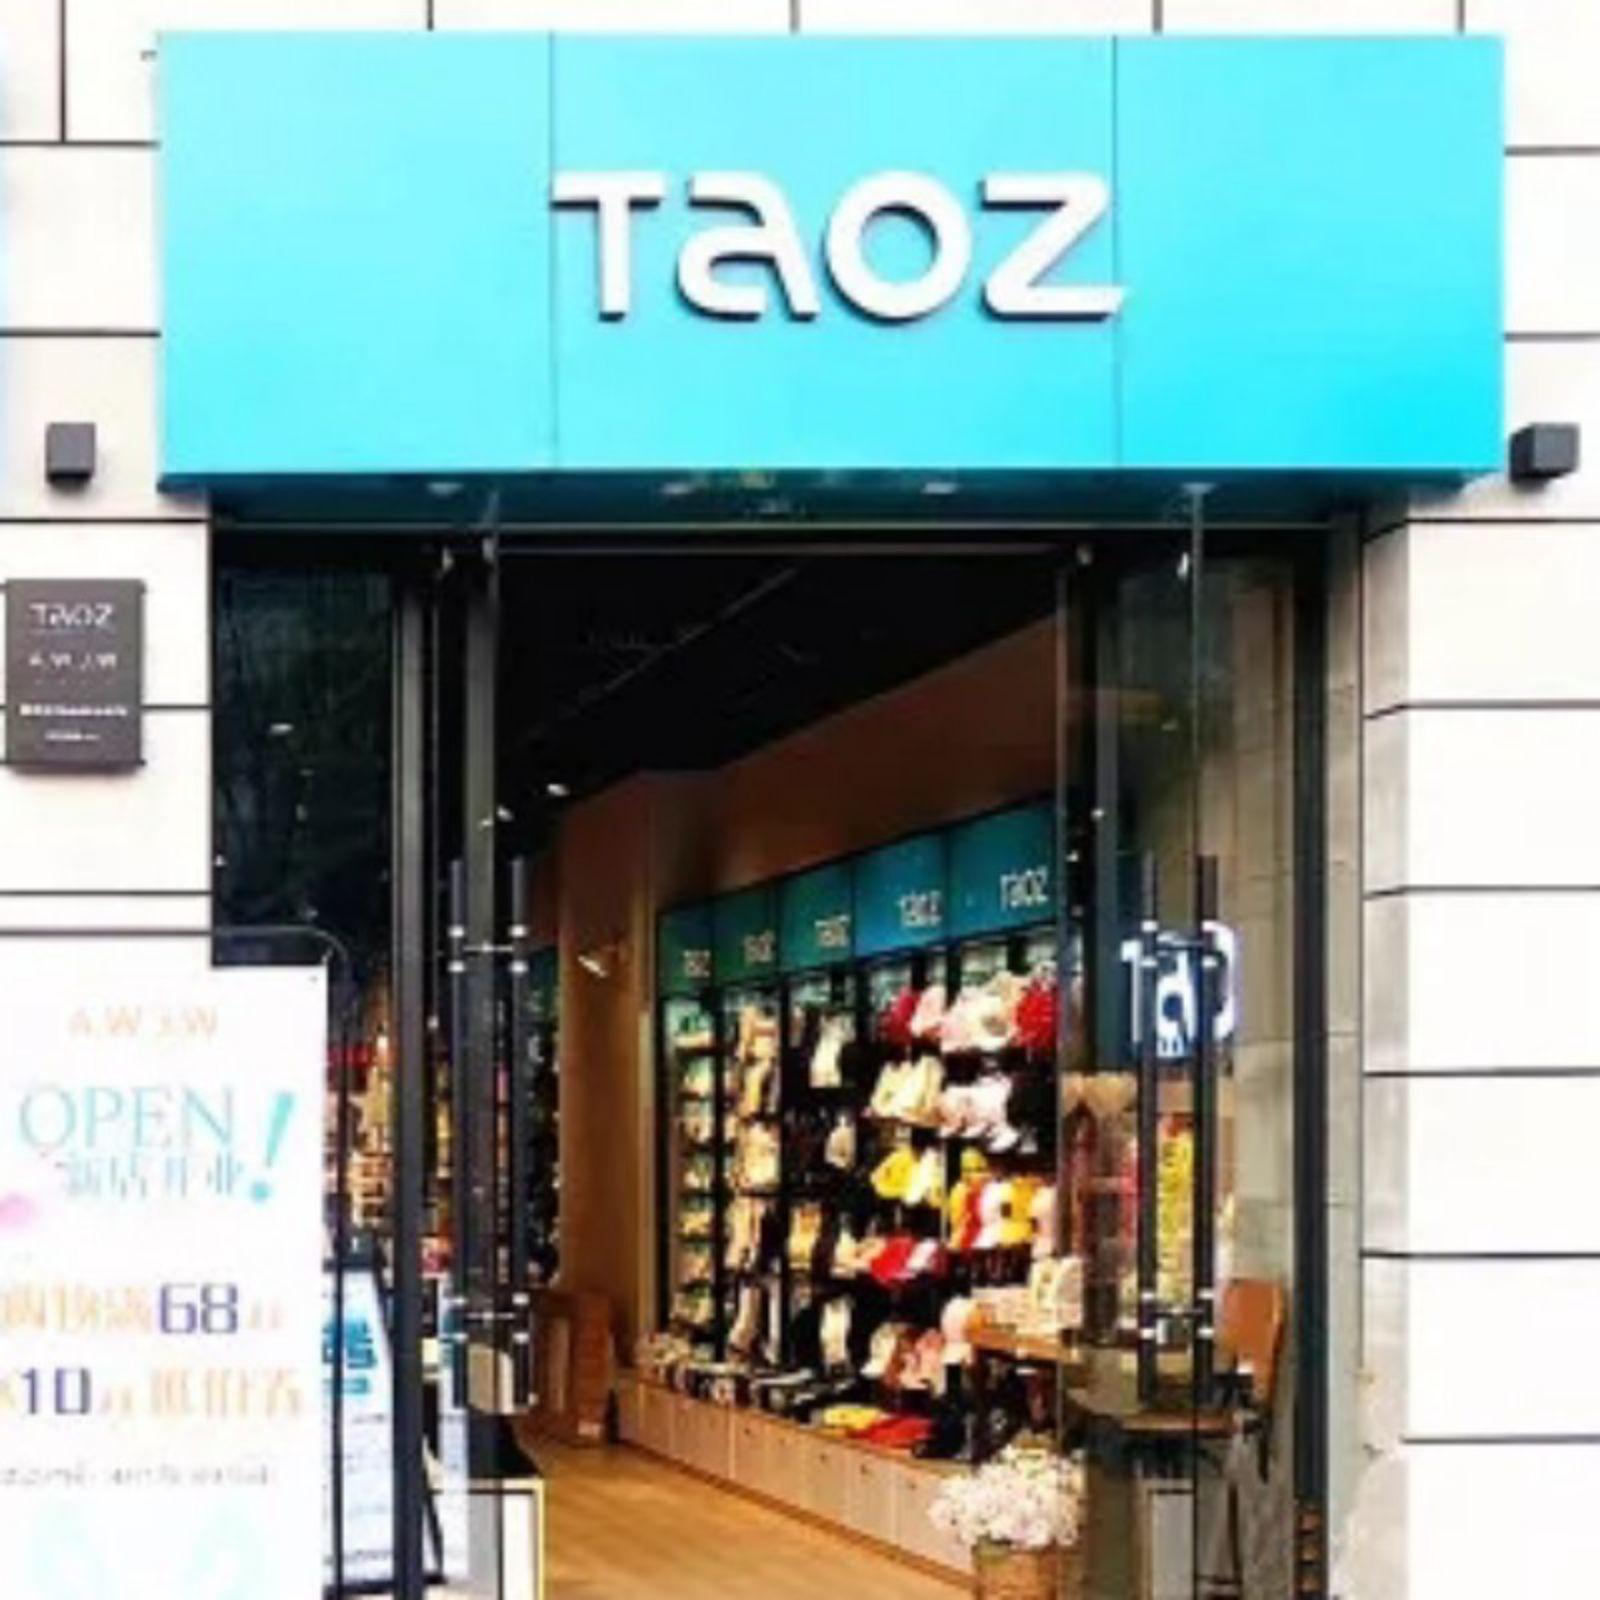 Taozs ideal life